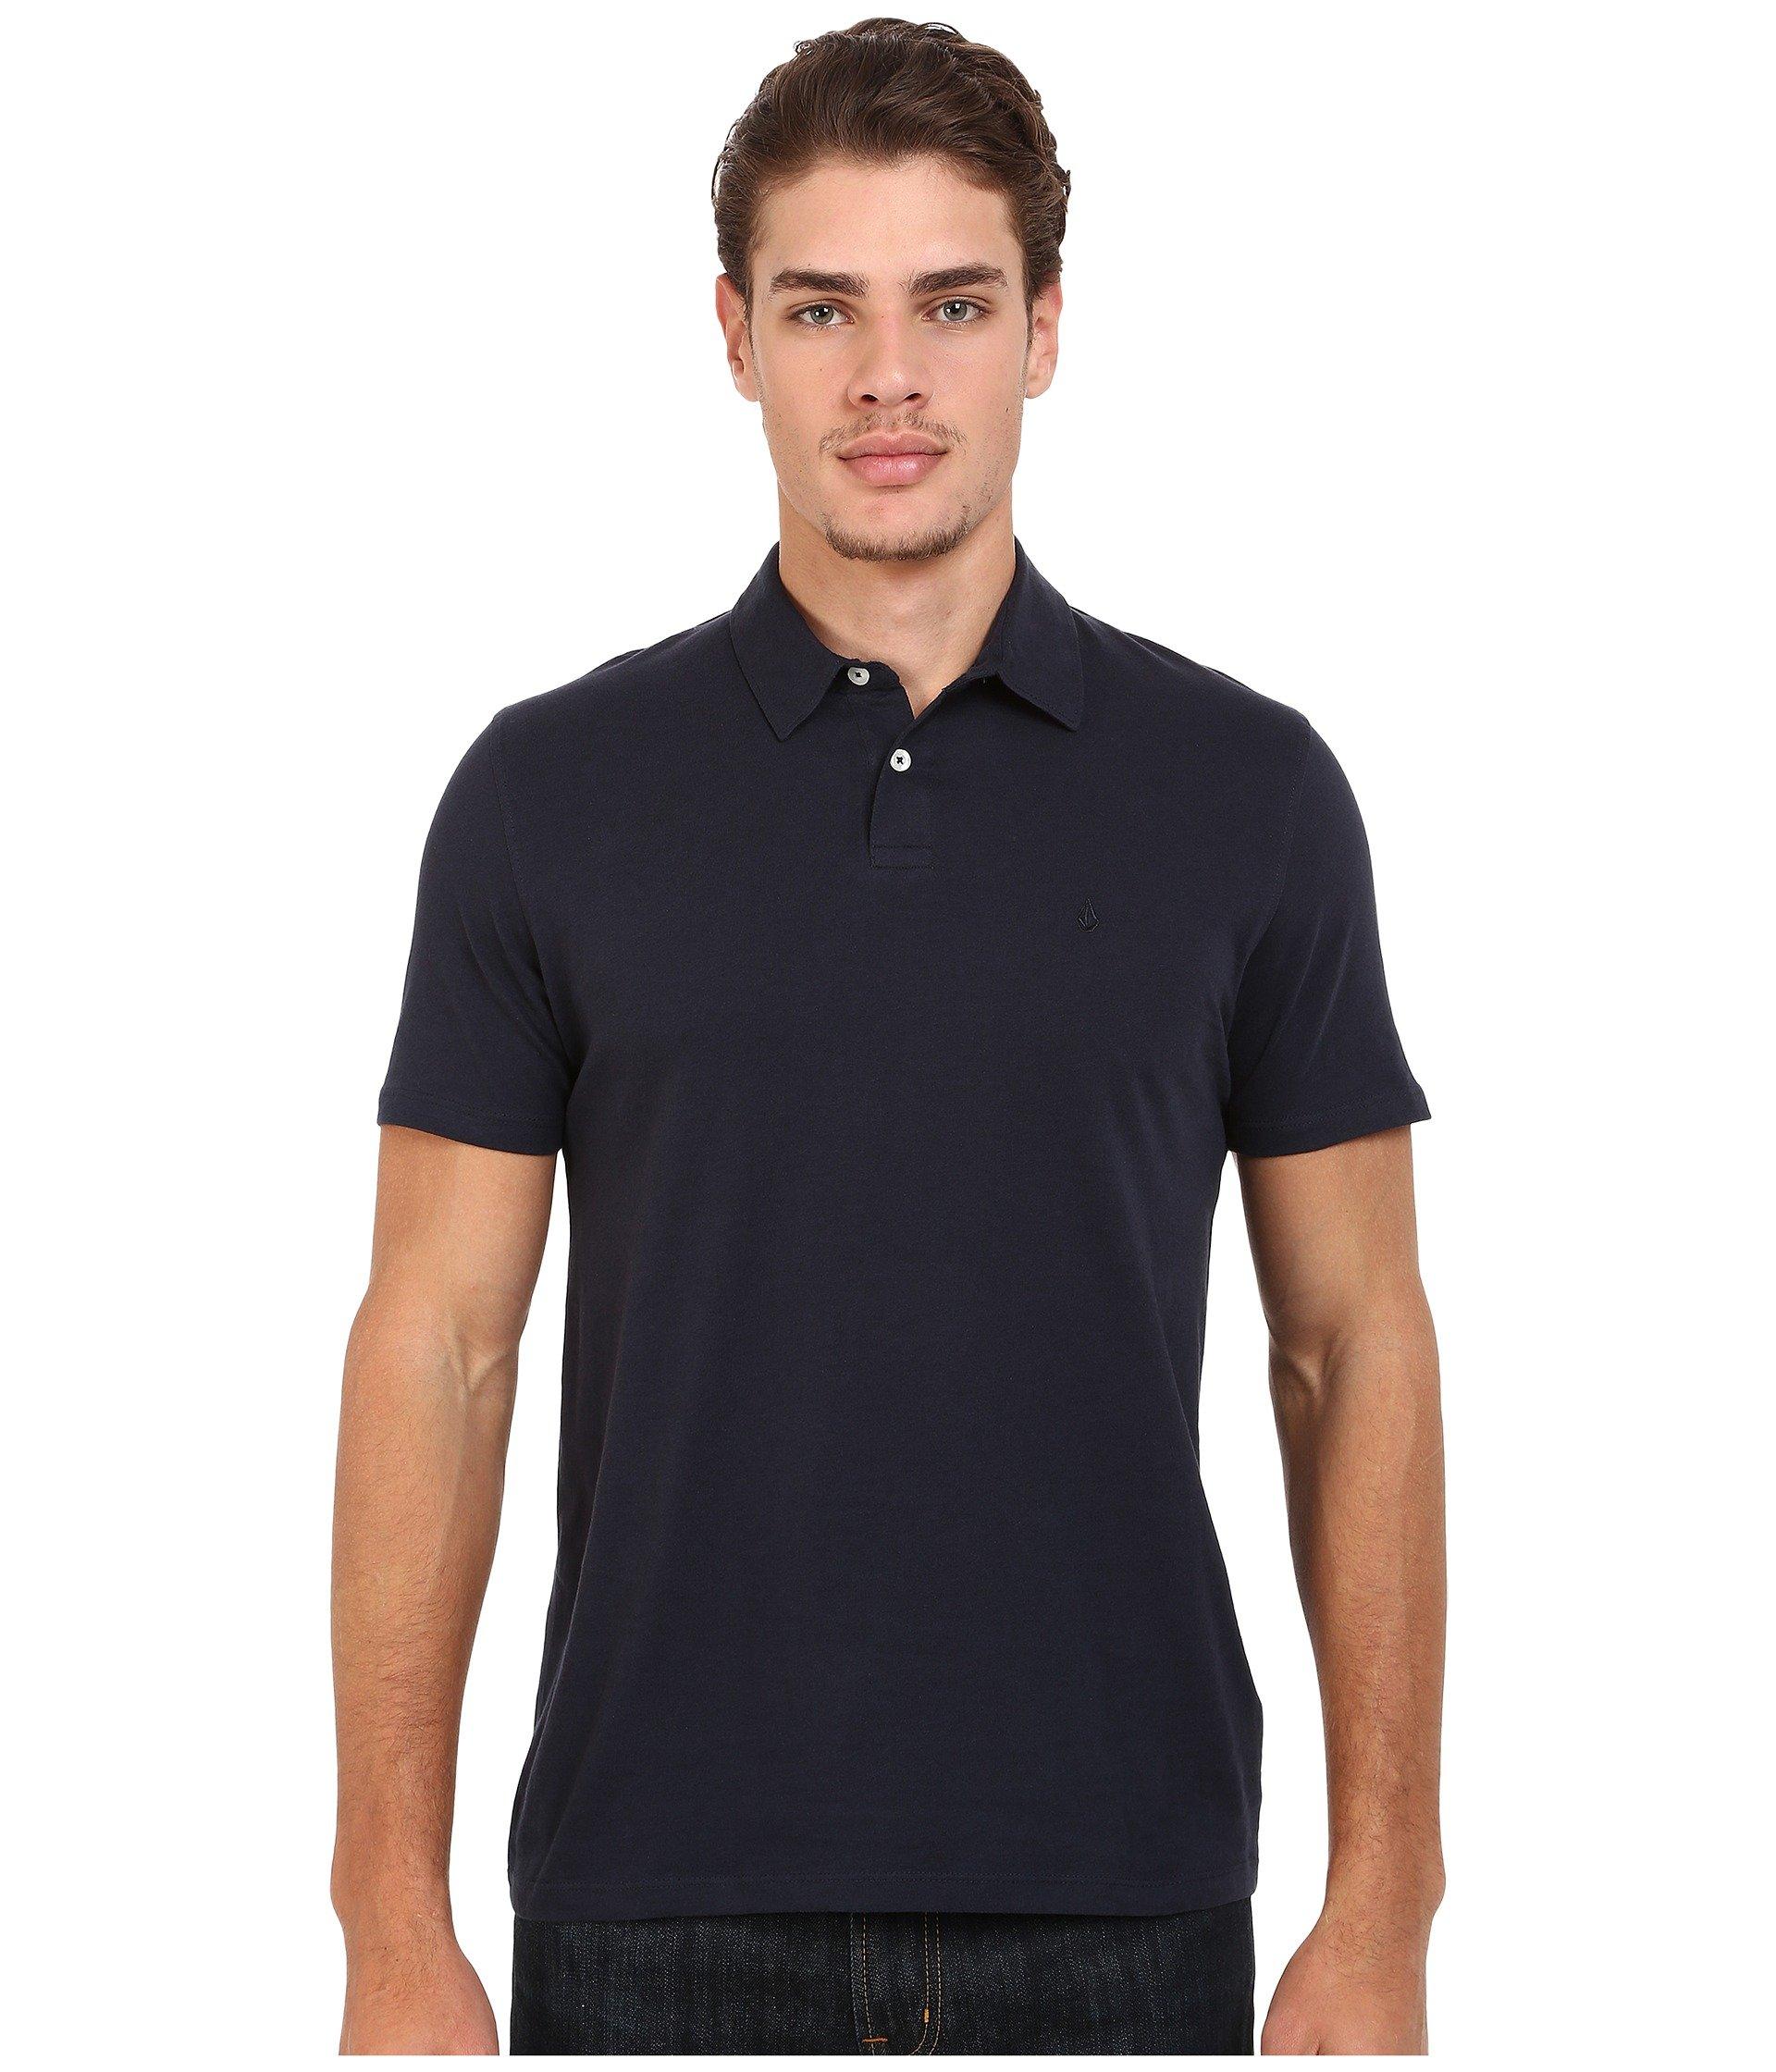 Camiseta Tipo Polo para Hombre Volcom Wowzer Polo  + Volcom en VeoyCompro.net